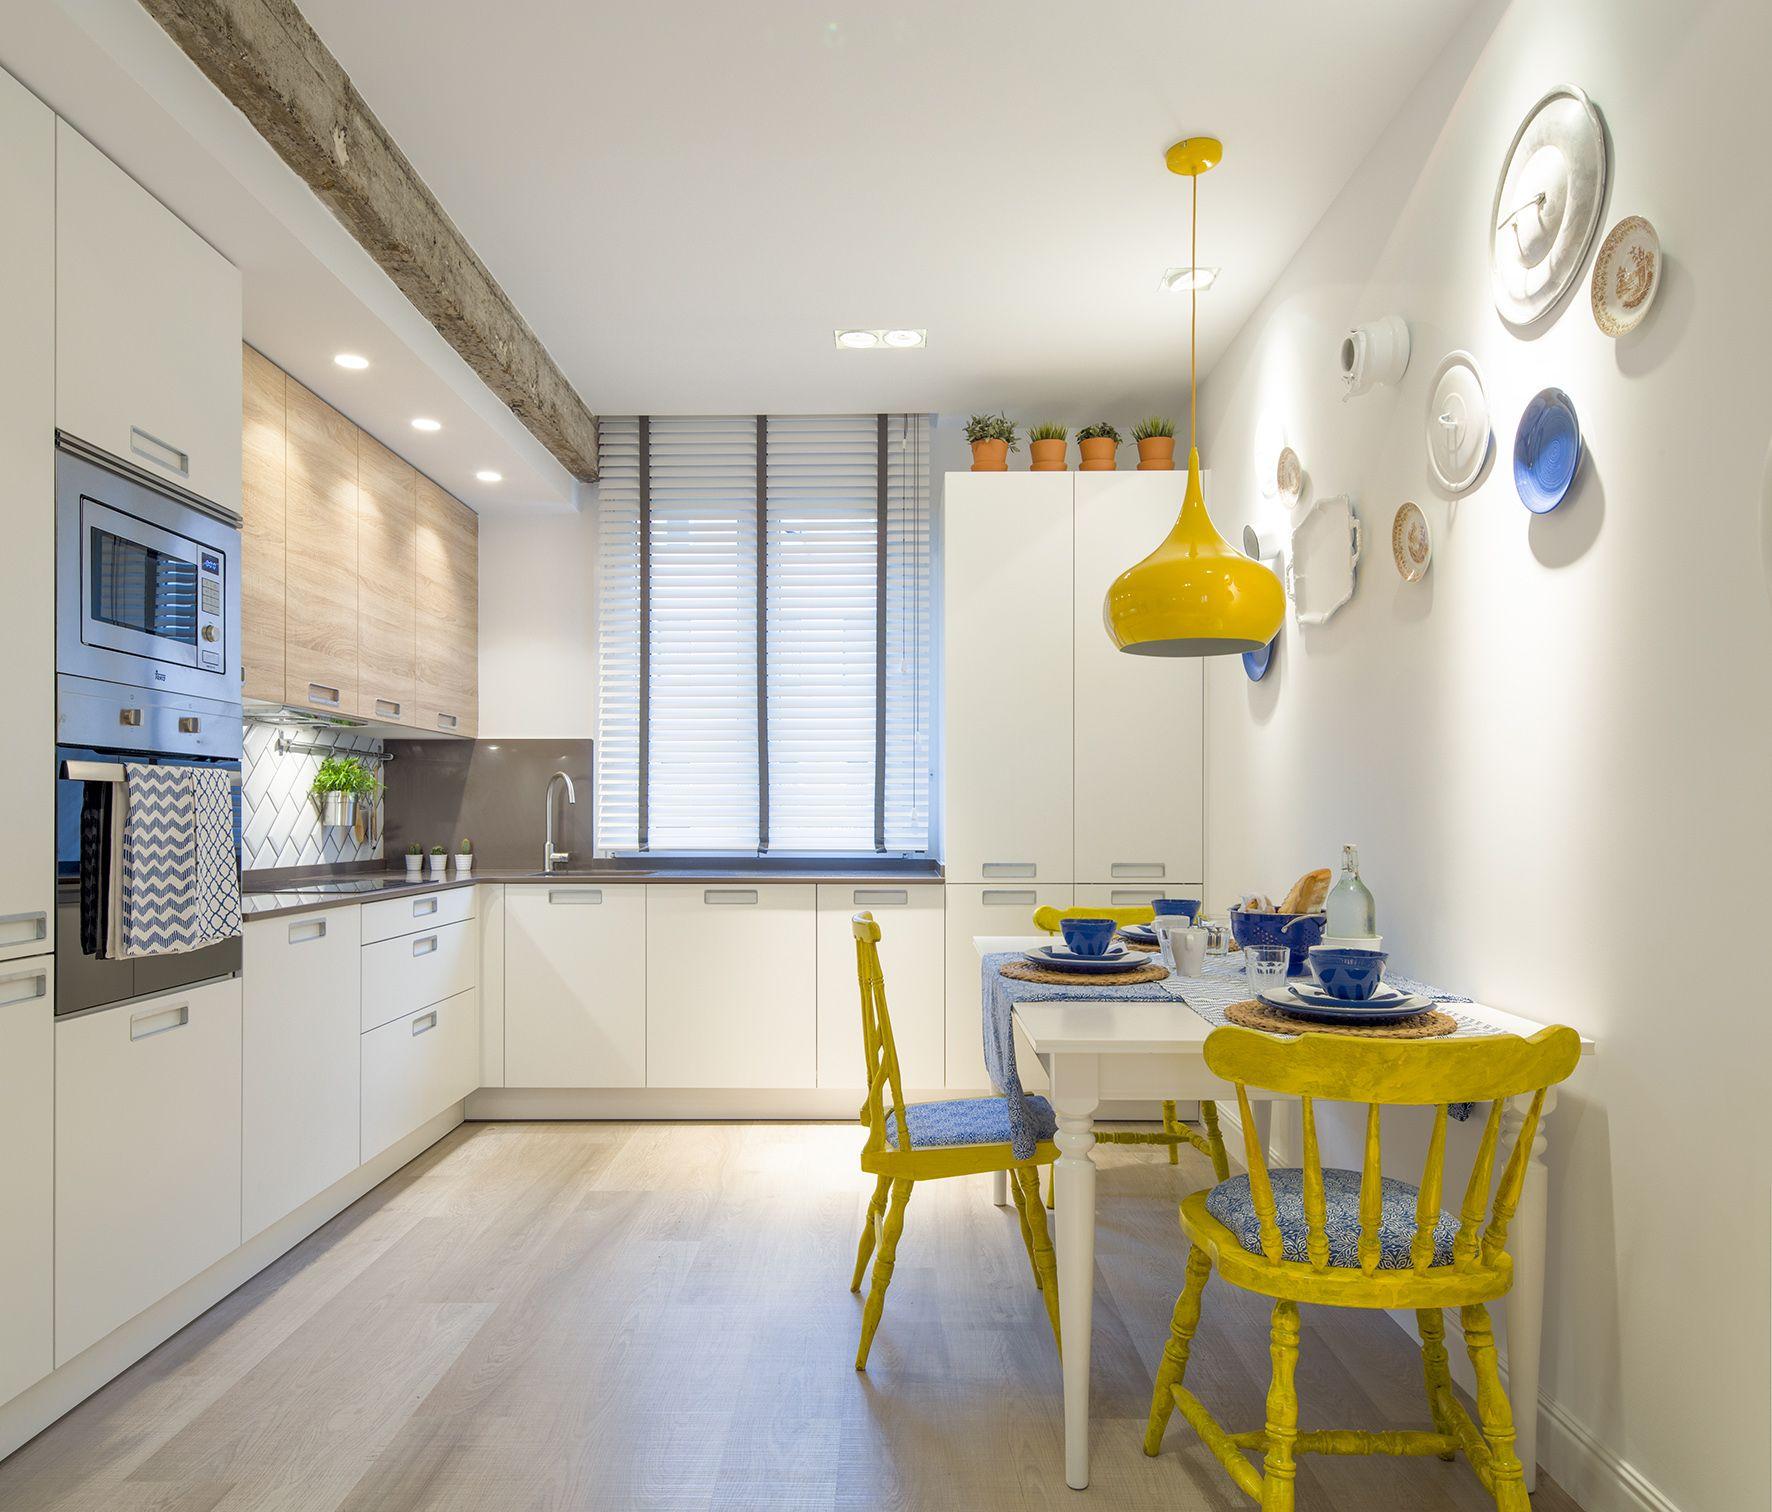 Cocina modelo ariane de la casa santos en acabado blanco y for Sillas amarillas comedor